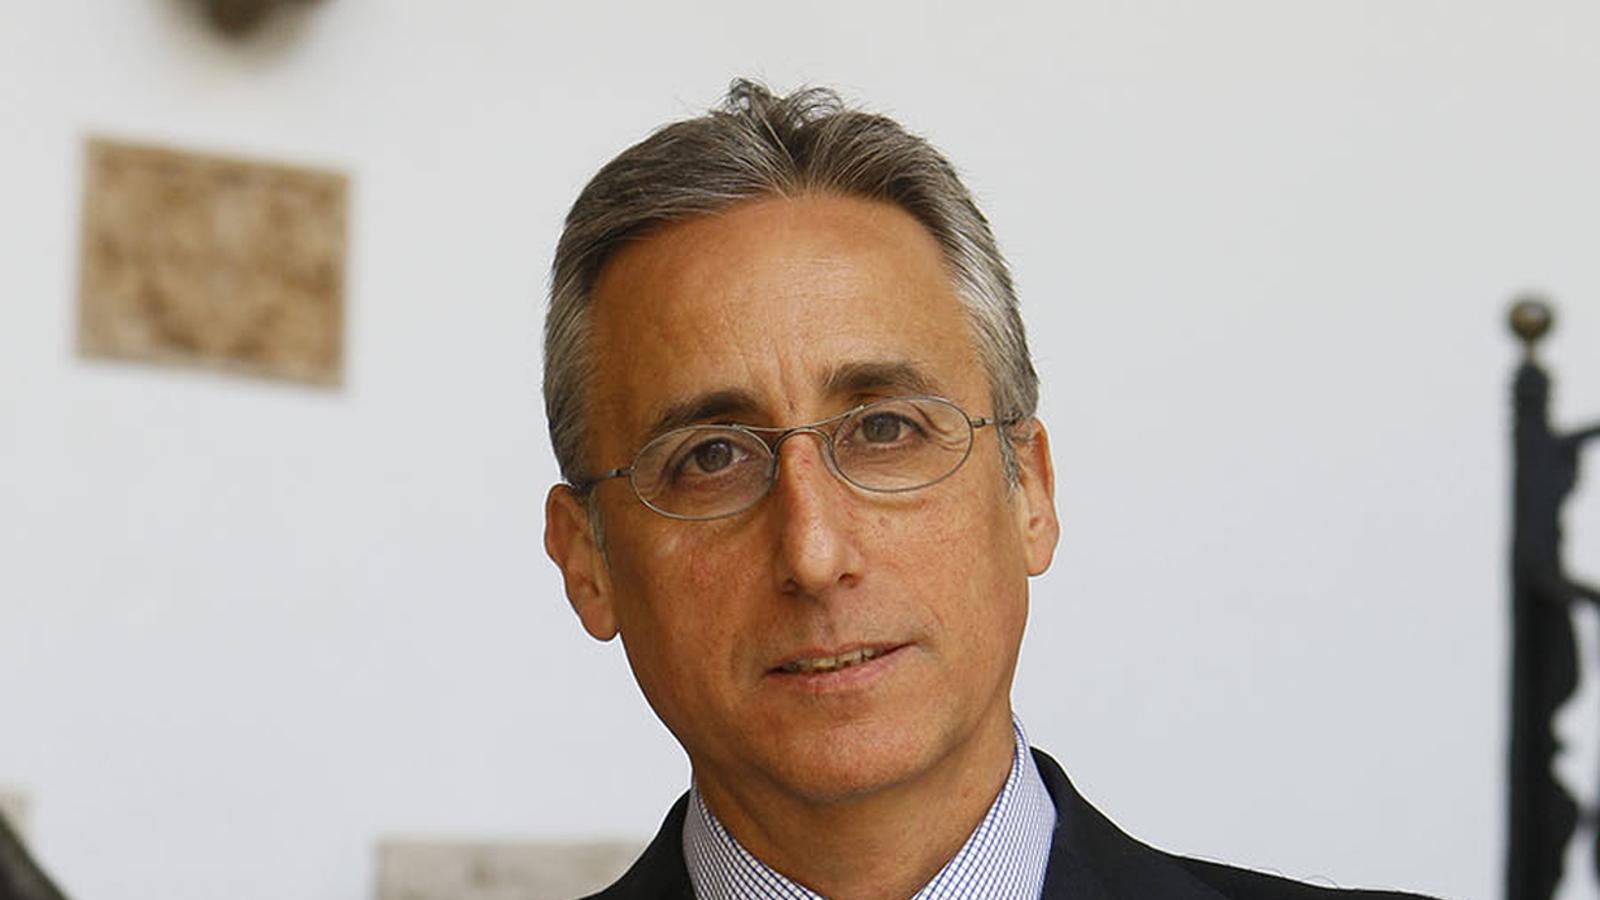 Diego Gómez-Reino. /ISAAC BUJ